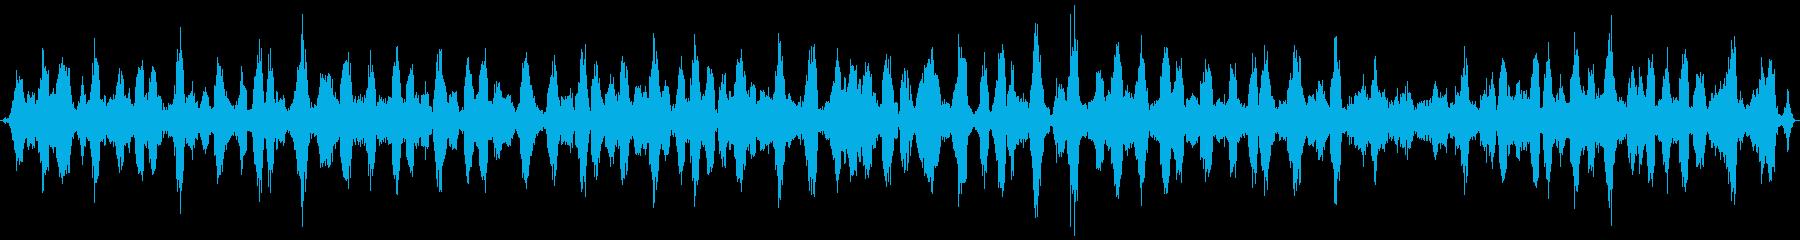 カエルの合唱 (約30秒)の再生済みの波形